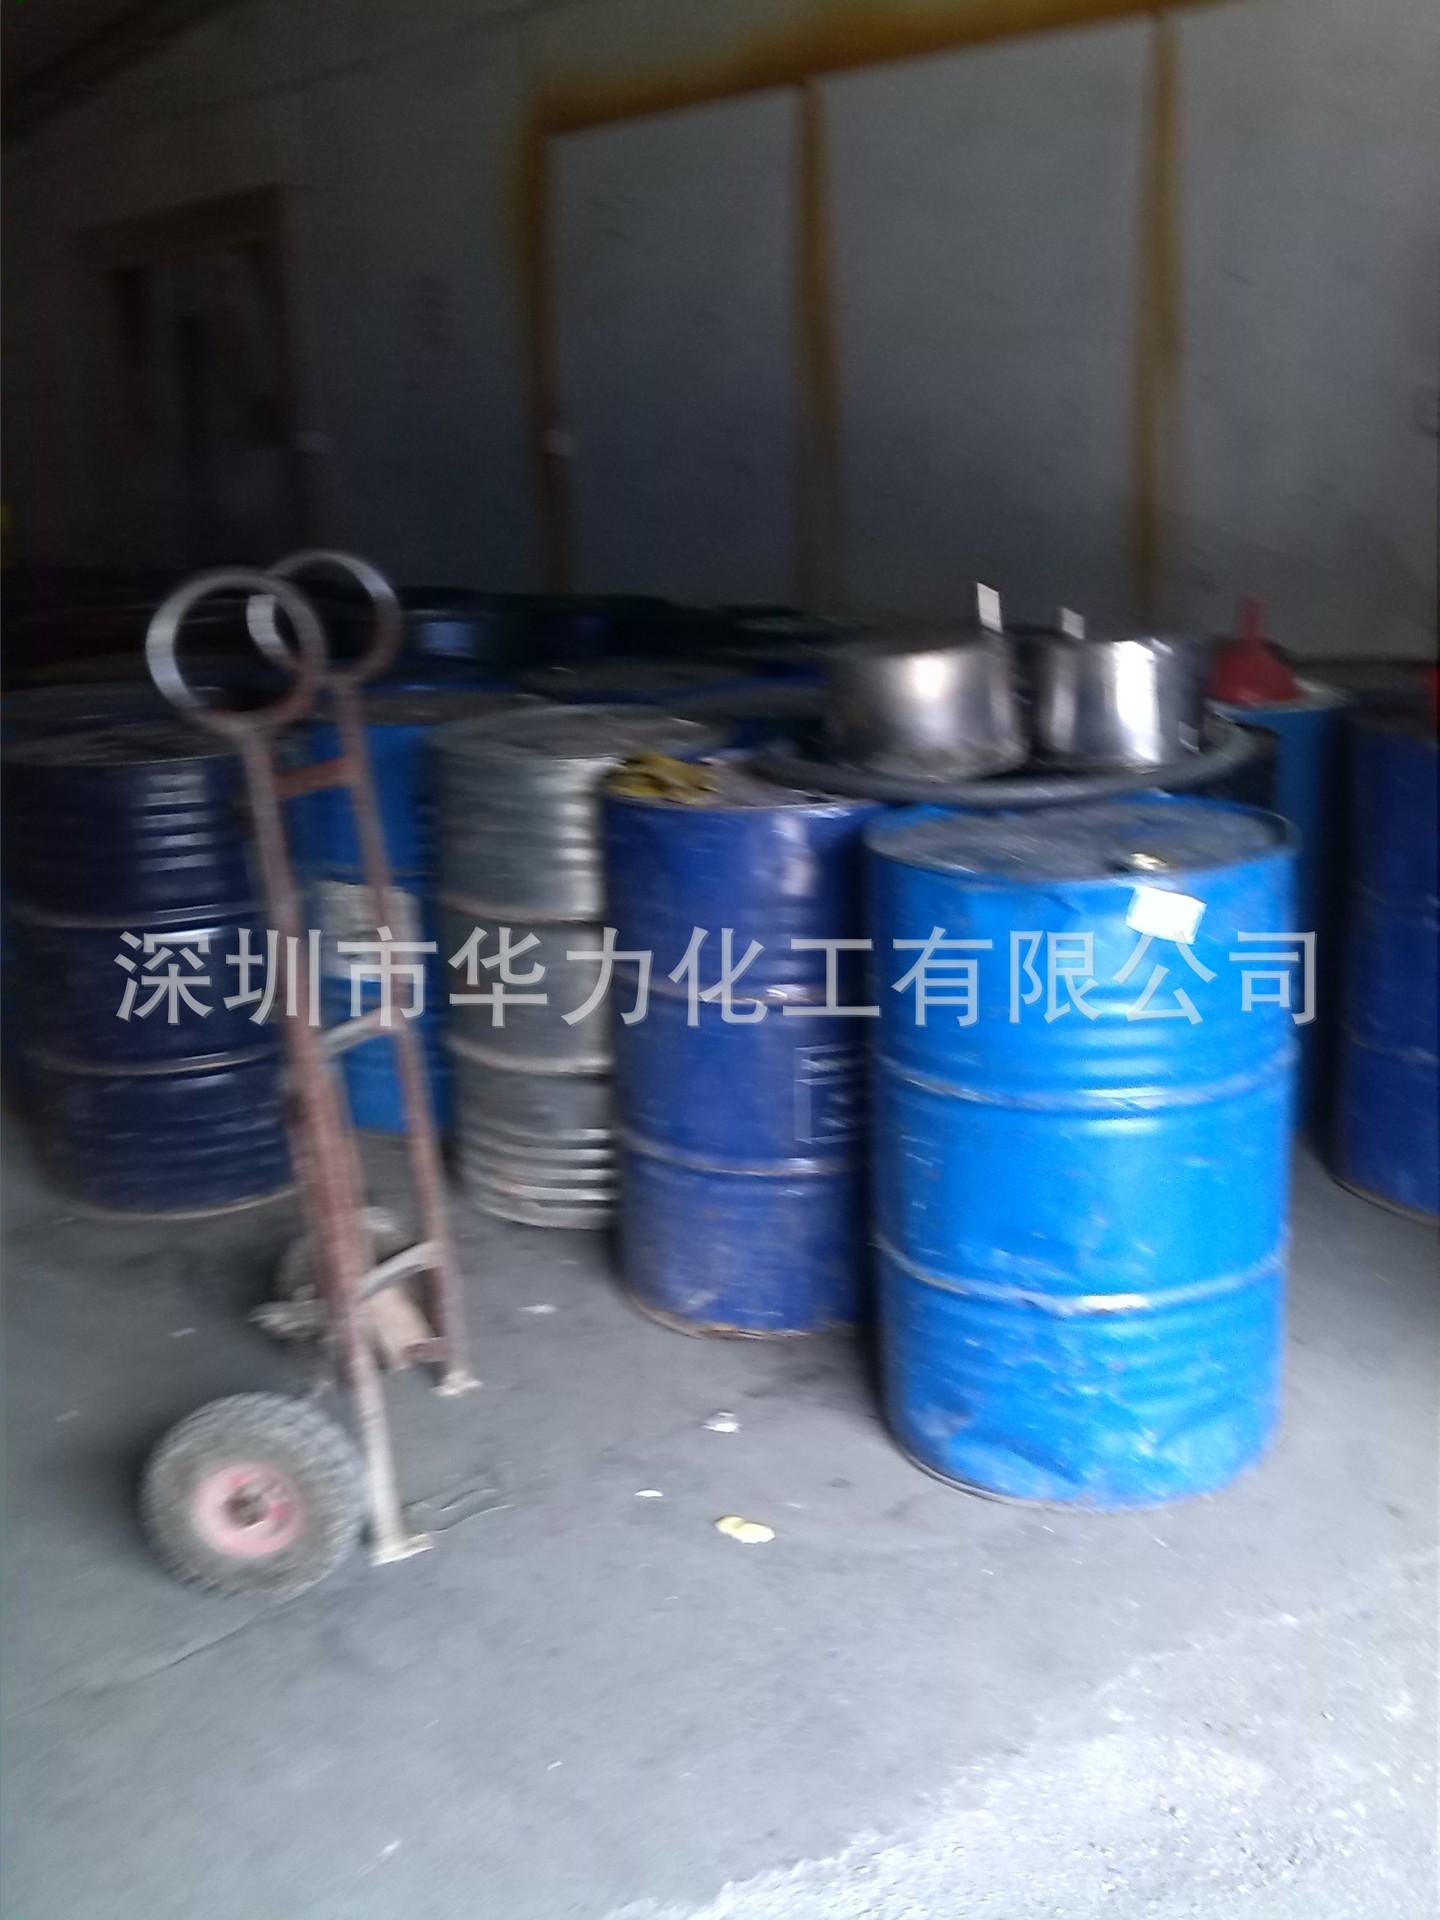 华力长期批发优质仲丁酯,高纯度仲丁酯,品质保证